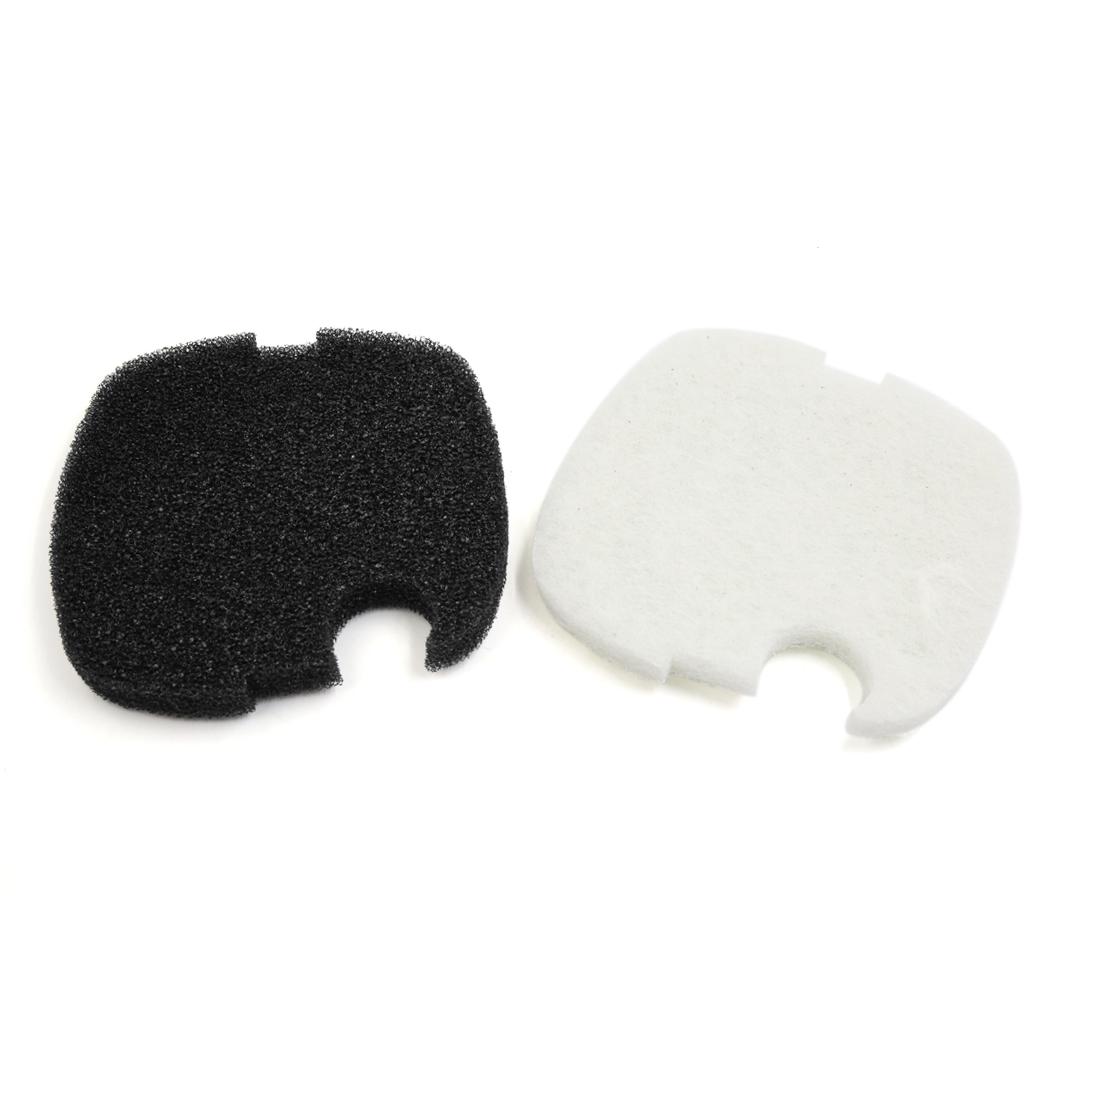 2pcs Aquarium Sponge Pad Prefilter Mat Black White for sunsun Canister Filter